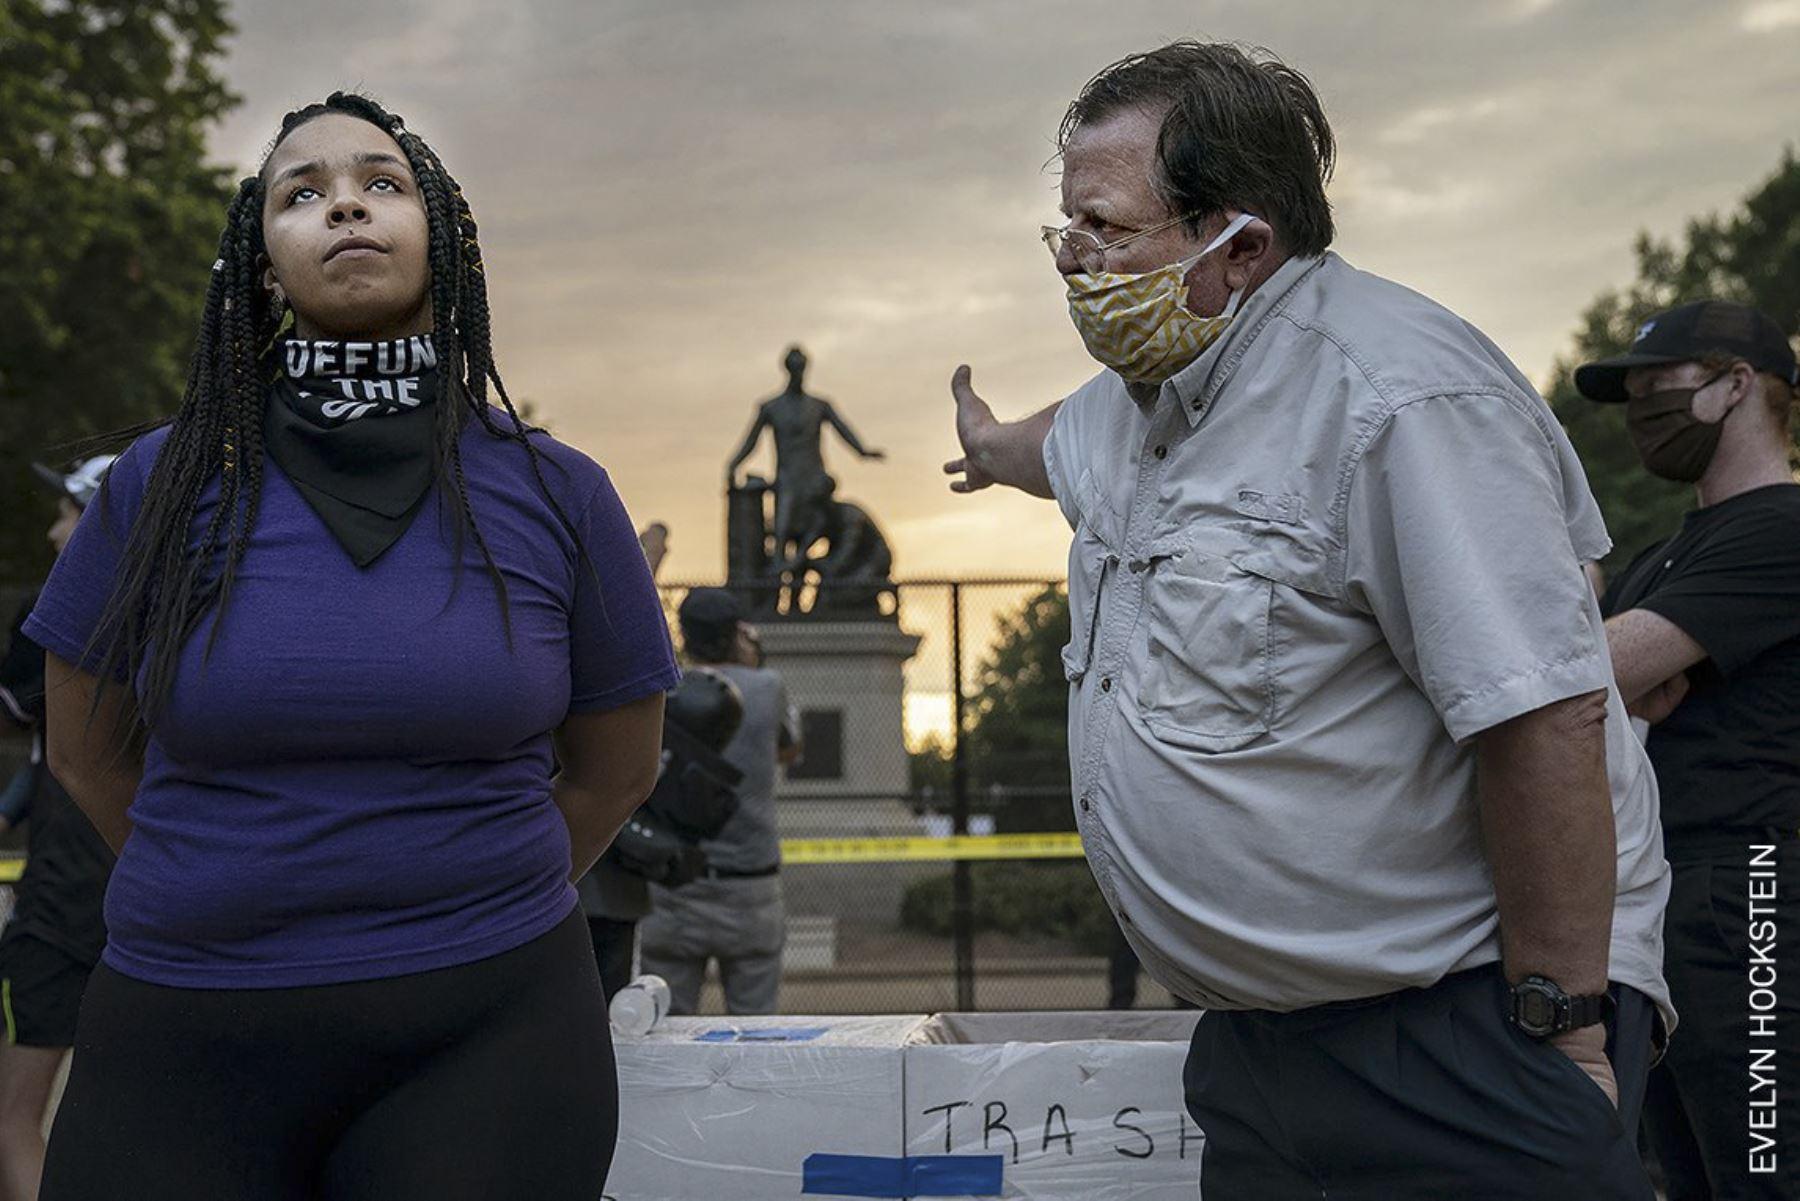 En la categoría noticias de actualidad, el primer lugar lo ocupa la norteamericana Evelyn Hockstein. Anais, de 26 años, discute sobre la eliminación del Monumento a la Emancipación con un hombre que desea se conserve, en Lincoln Park, Washington DC, EE. UU. Foto: Evelyn Hockstein